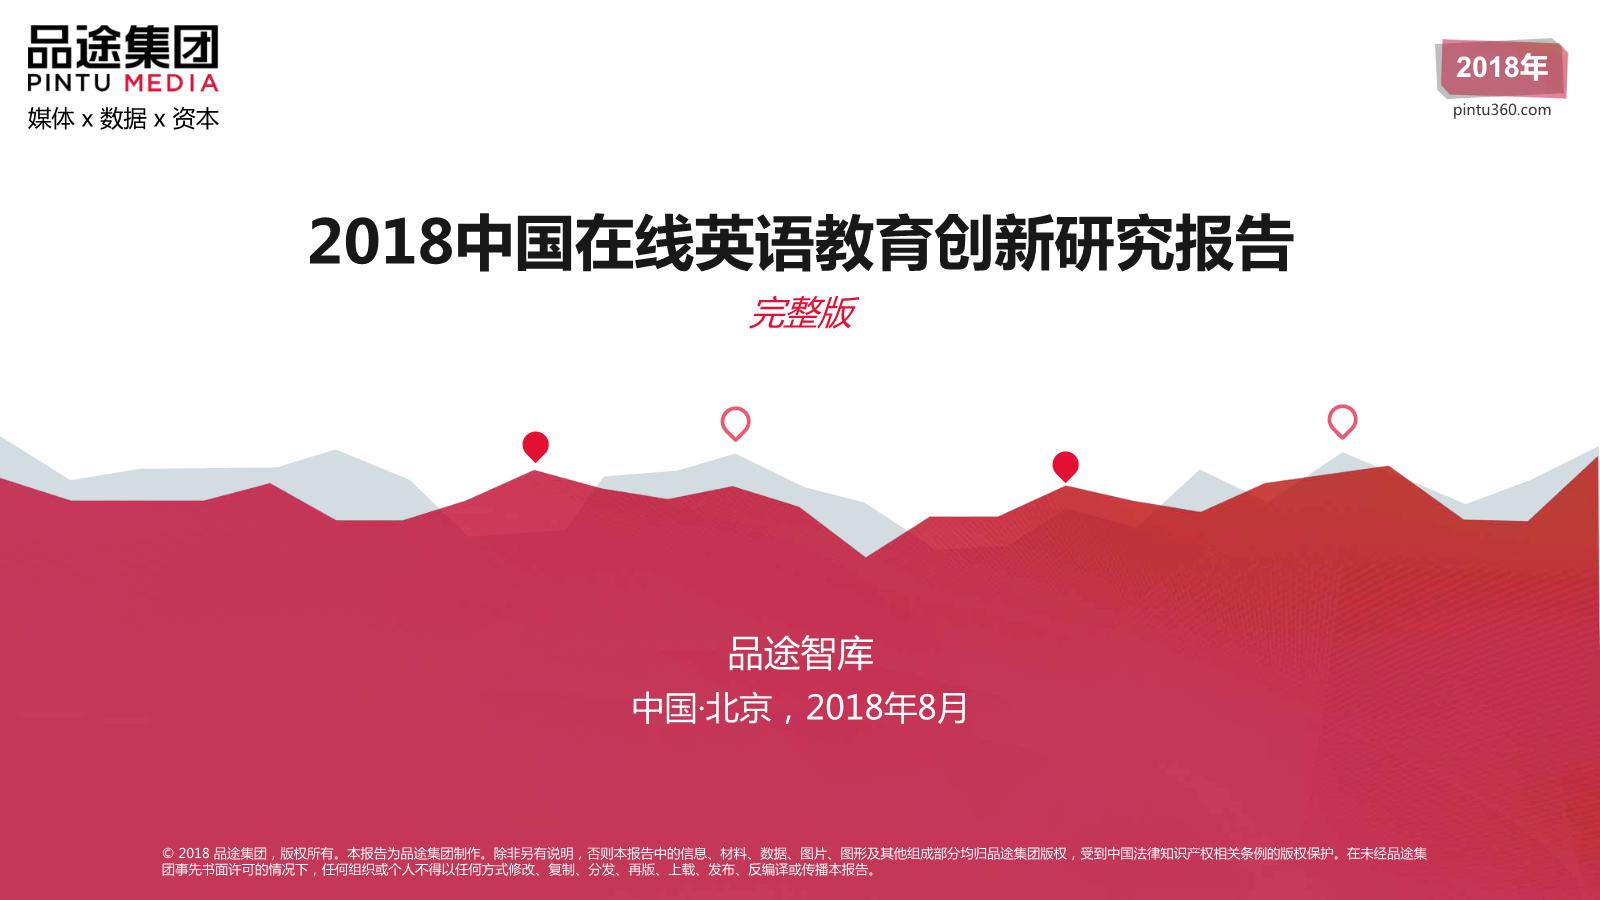 品途智库-2018中国在线英语教育创新研究报告